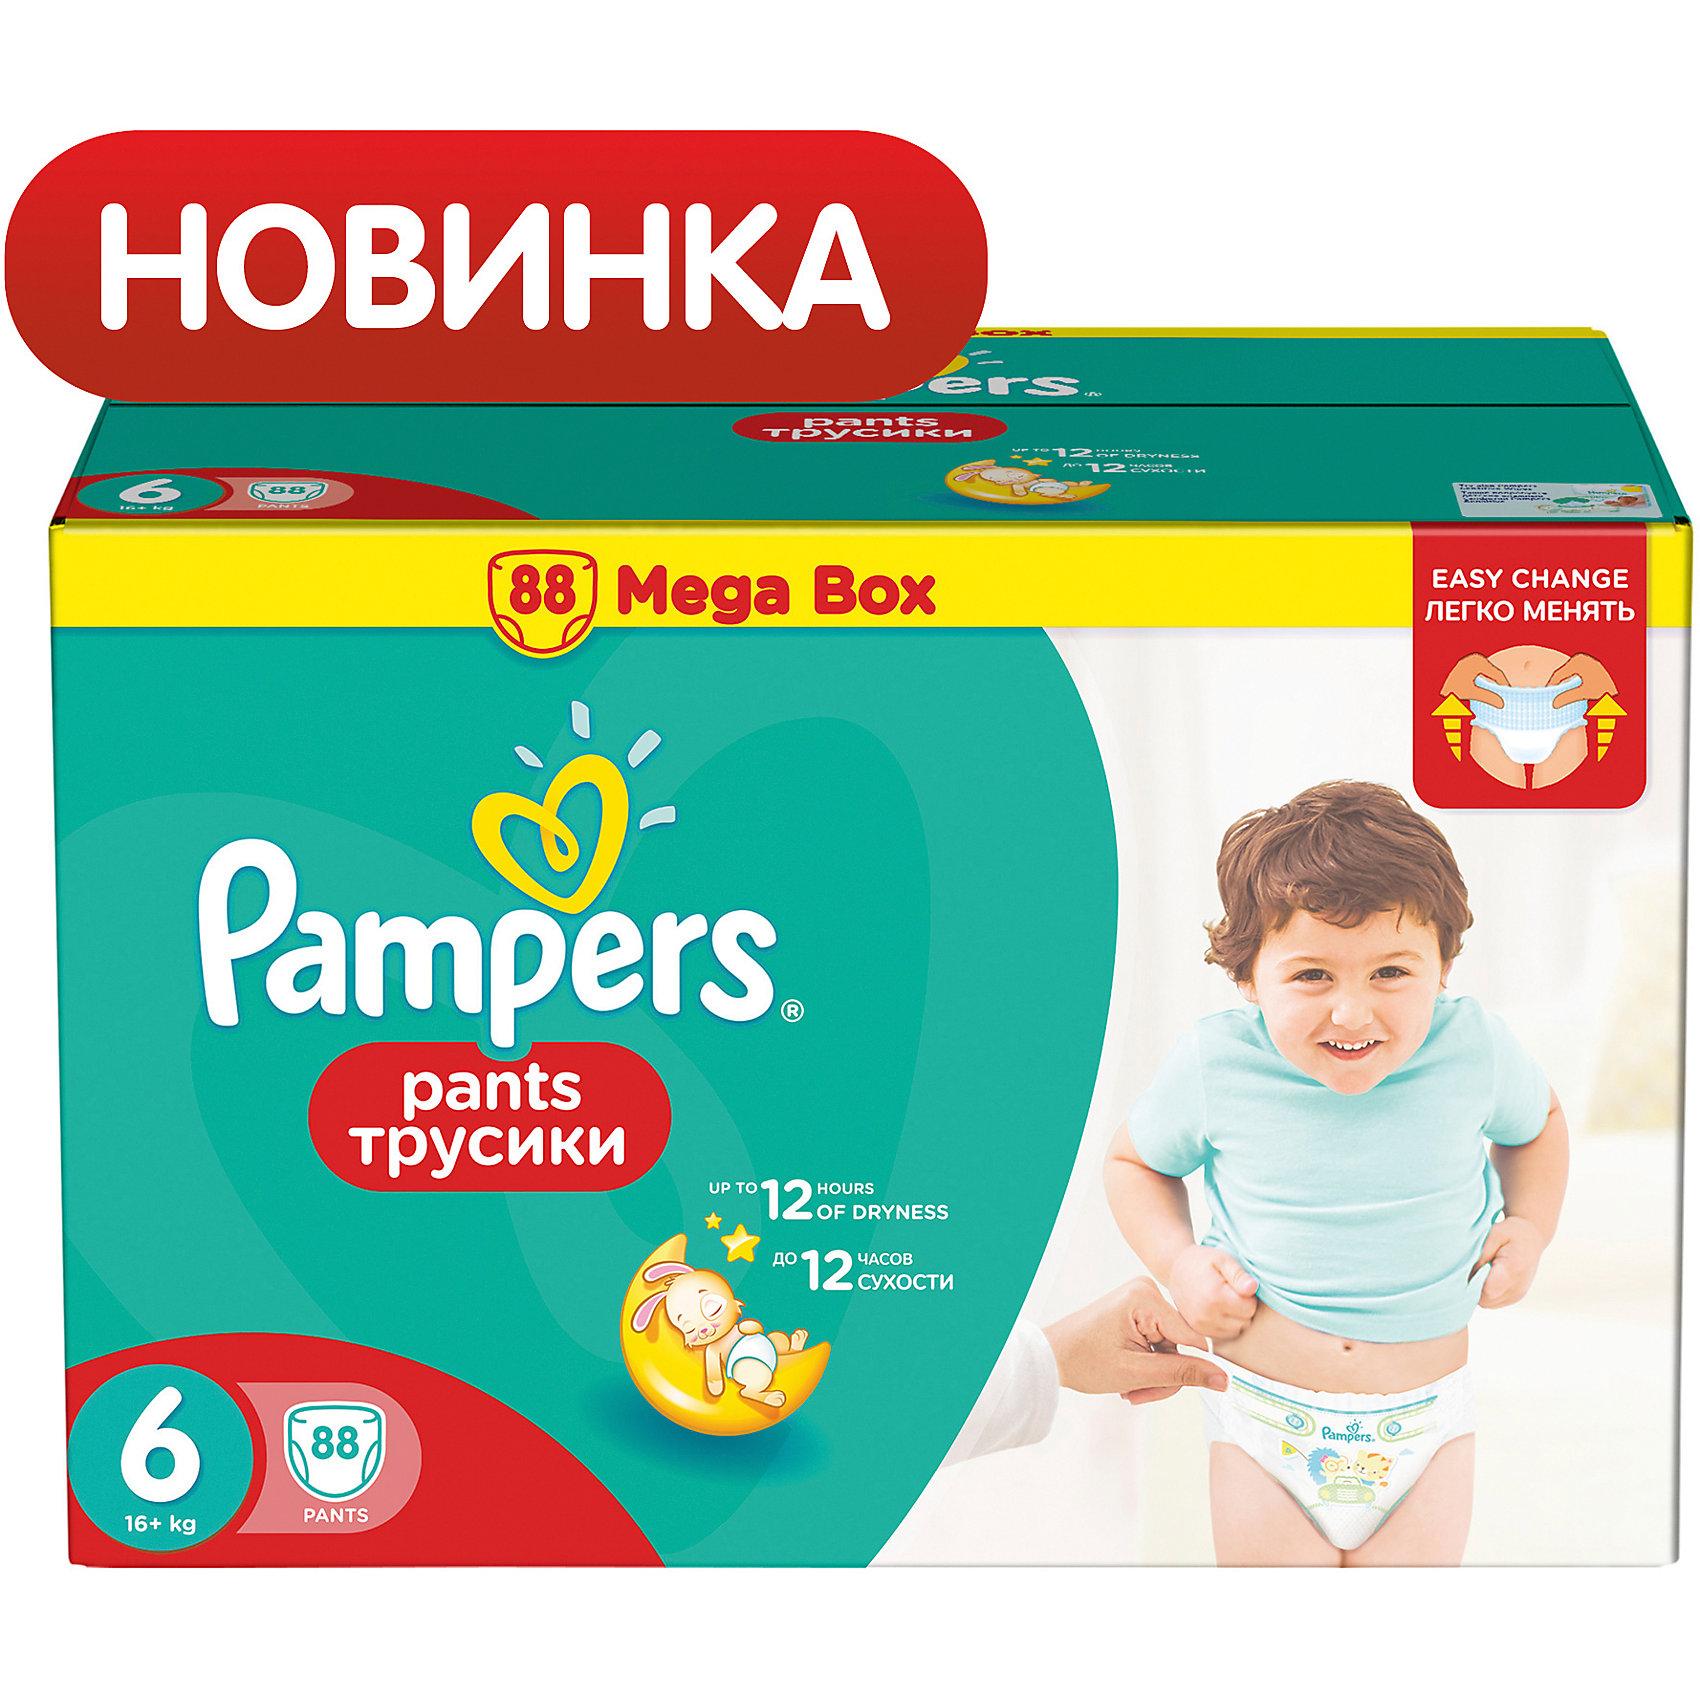 Трусики-подгузники Pampers Pants Extra Large, 16+ кг., 88 шт.Трусики-подгузники<br>Трусики-подгузники Pampers Pants Extra Large (Памперс пантс), 16+ кг., 88 шт.<br><br>Характеристики:<br><br>• впитывают и удерживают влагу до 12 часов<br>• дополнительный впитывающий слой<br>• эластичный поясок и манжеты не стесняют движений крохи<br>• дышащие материалы обеспечивают правильную микроциркуляцию кожи<br>• легко снимать и надевать<br>• состав бальзама: вазелин, стеариловый спирт, медицинский жидкий парафин, экстракт листа алоэ<br>• размер: от 16 кг<br>• количество: 88 шт.<br>• размер упаковки: 31,8х27,3х49,5 см<br>• вес: 3732 грамма<br><br>Ваш кроха очень быстро растет и активно познает мир. Чтобы у малыша была энергия для игры, ему необходим крепкий здоровый сон. Трусики-подгузники Pampers Pants Extra Large обеспечат вашей крохе сухую ночь и комфортный сон. Они быстро впитывают влагу и удерживают ее внутри до 12 часов. Дышащие материалы трусиков пропускают воздух, позволяя коже дышать. Эластичность манжетов и поясков позволяет малышу активно двигаться, не стесняя его движений. Трусики-подгузники легко надеть даже на активного непоседу. Снять их можно просто разорвав сбоку. С этими подгузниками ваш ребенок с радостью будет познавать окружающий мир!<br><br>Трусики-подгузники Pampers Pants Extra Large (Памперс пантс), 16+ кг., 88 шт. вы можете купить в нашем интернет-магазине.<br><br>Ширина мм: 495<br>Глубина мм: 273<br>Высота мм: 318<br>Вес г: 3732<br>Возраст от месяцев: 12<br>Возраст до месяцев: 36<br>Пол: Унисекс<br>Возраст: Детский<br>SKU: 5422923